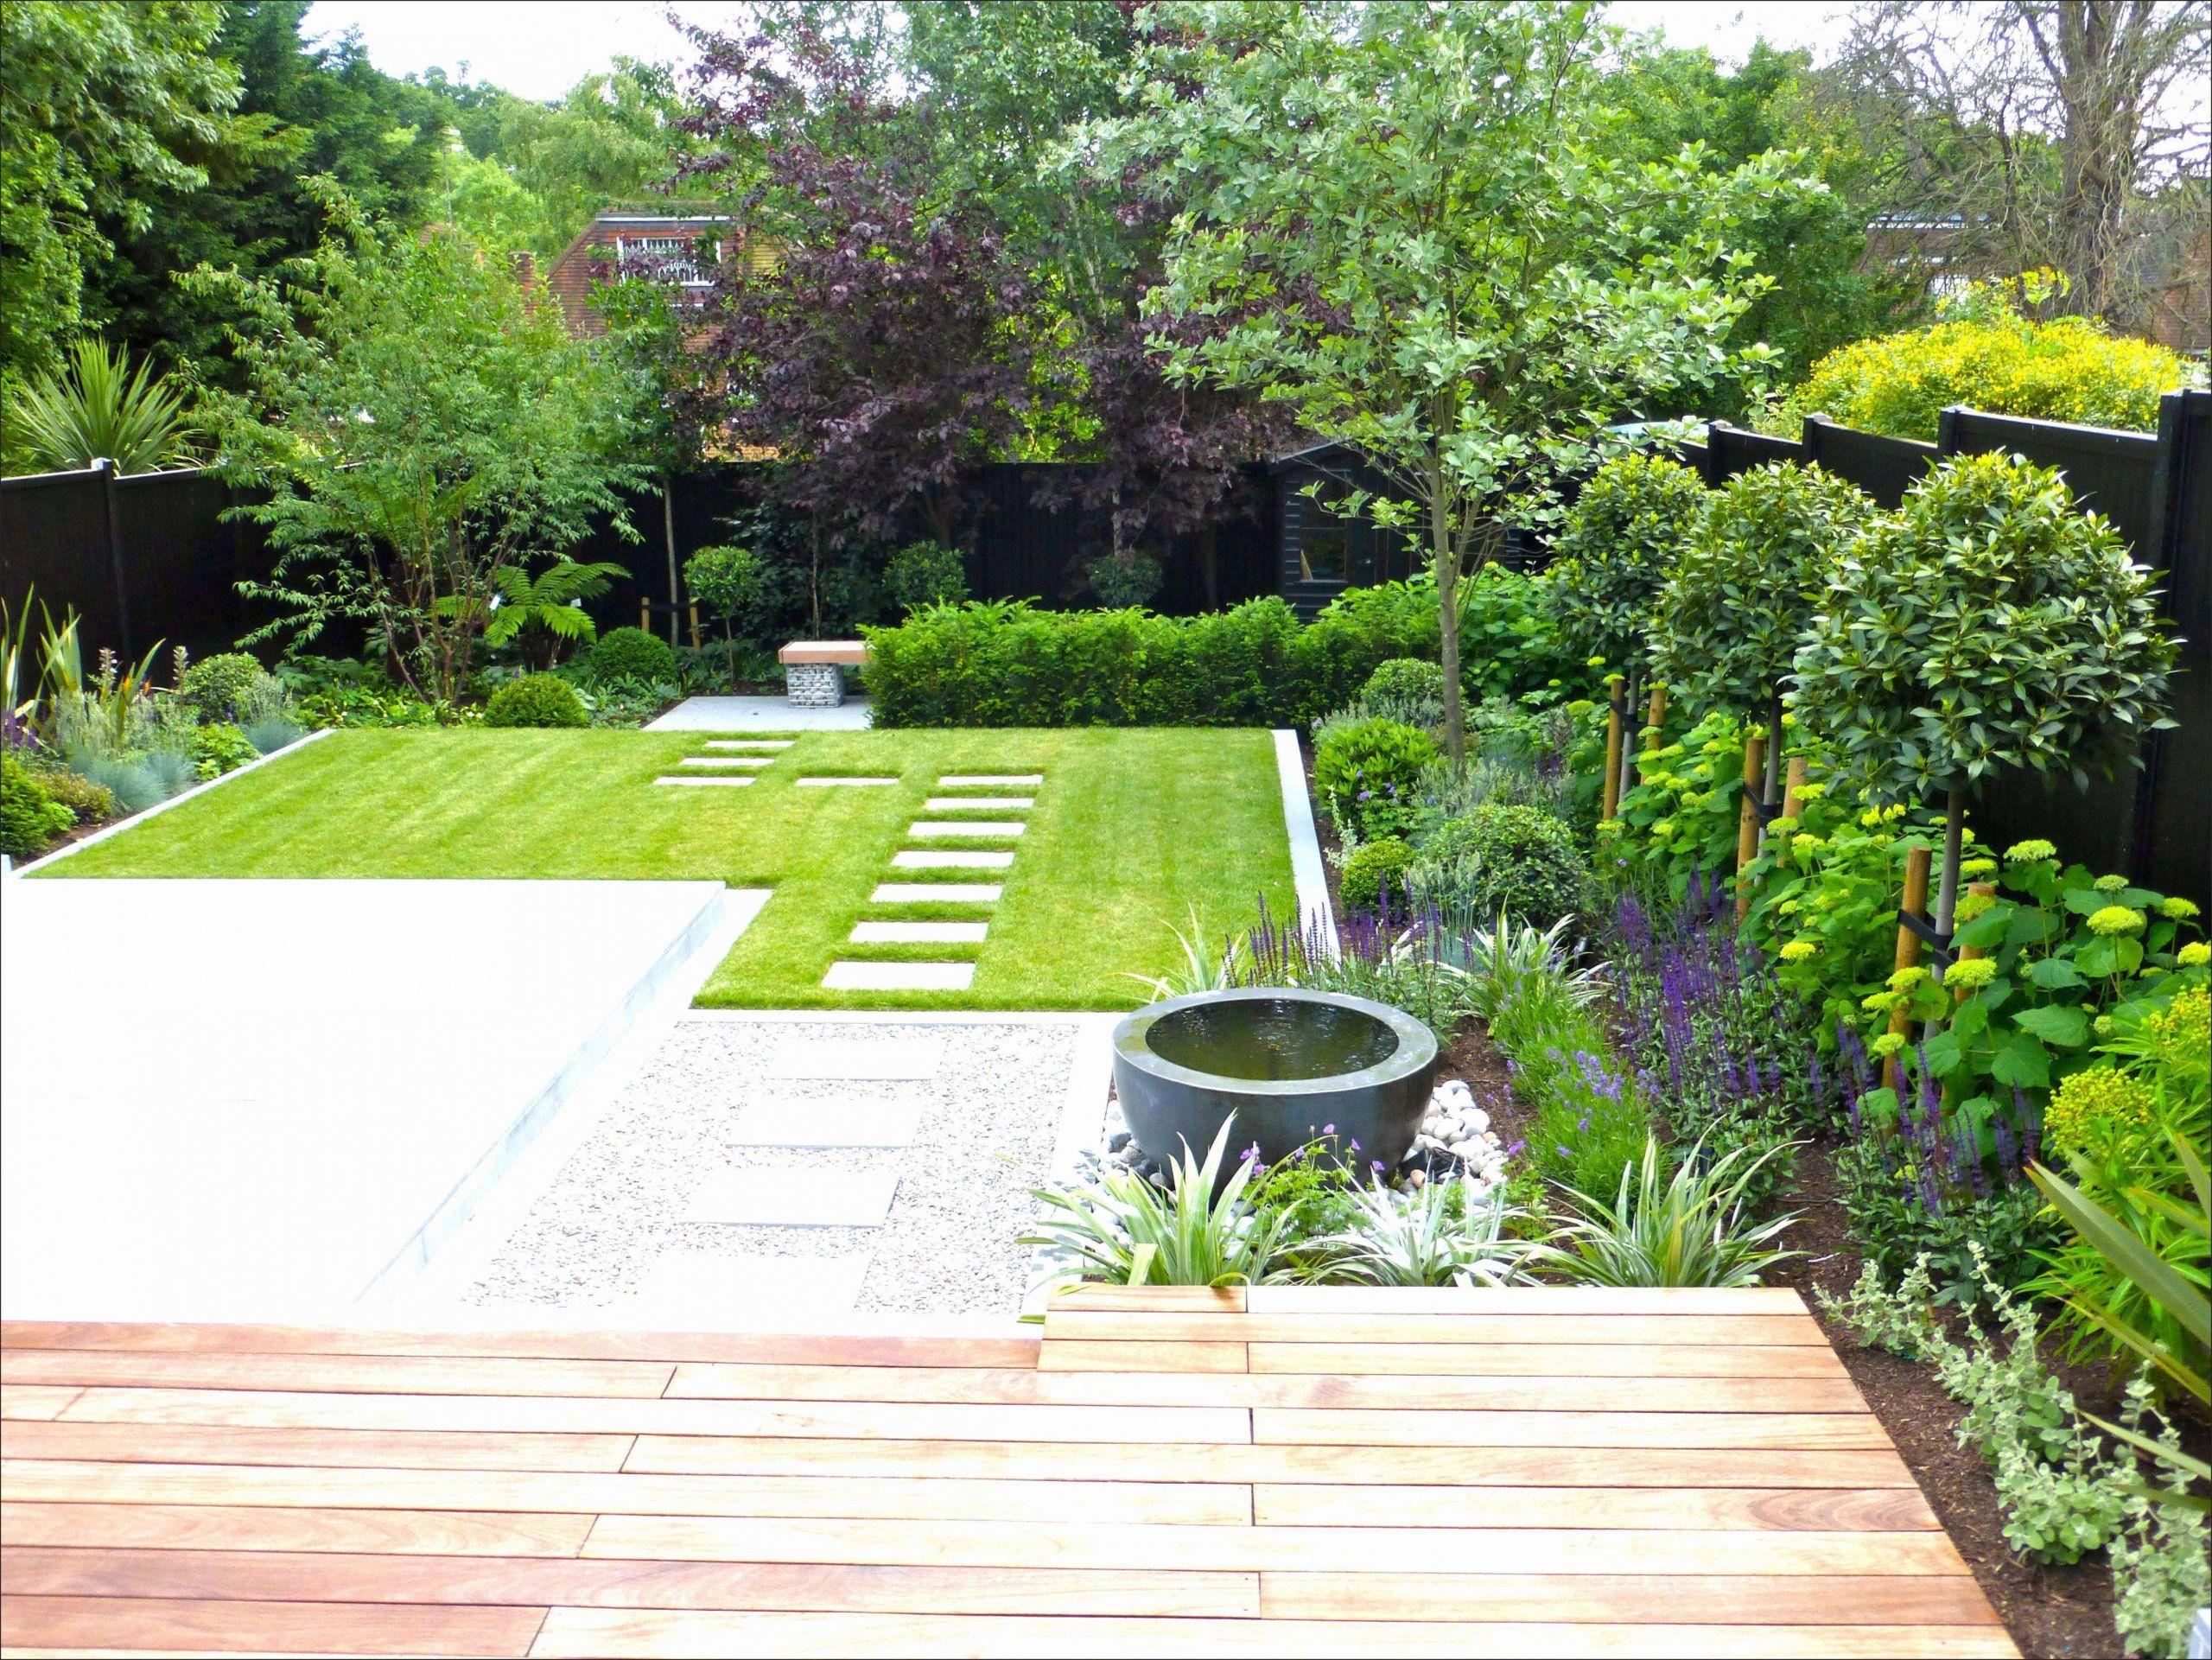 Deko Ideen Für Den Garten Frisch Deko Draußen Selber Machen — Temobardz Home Blog